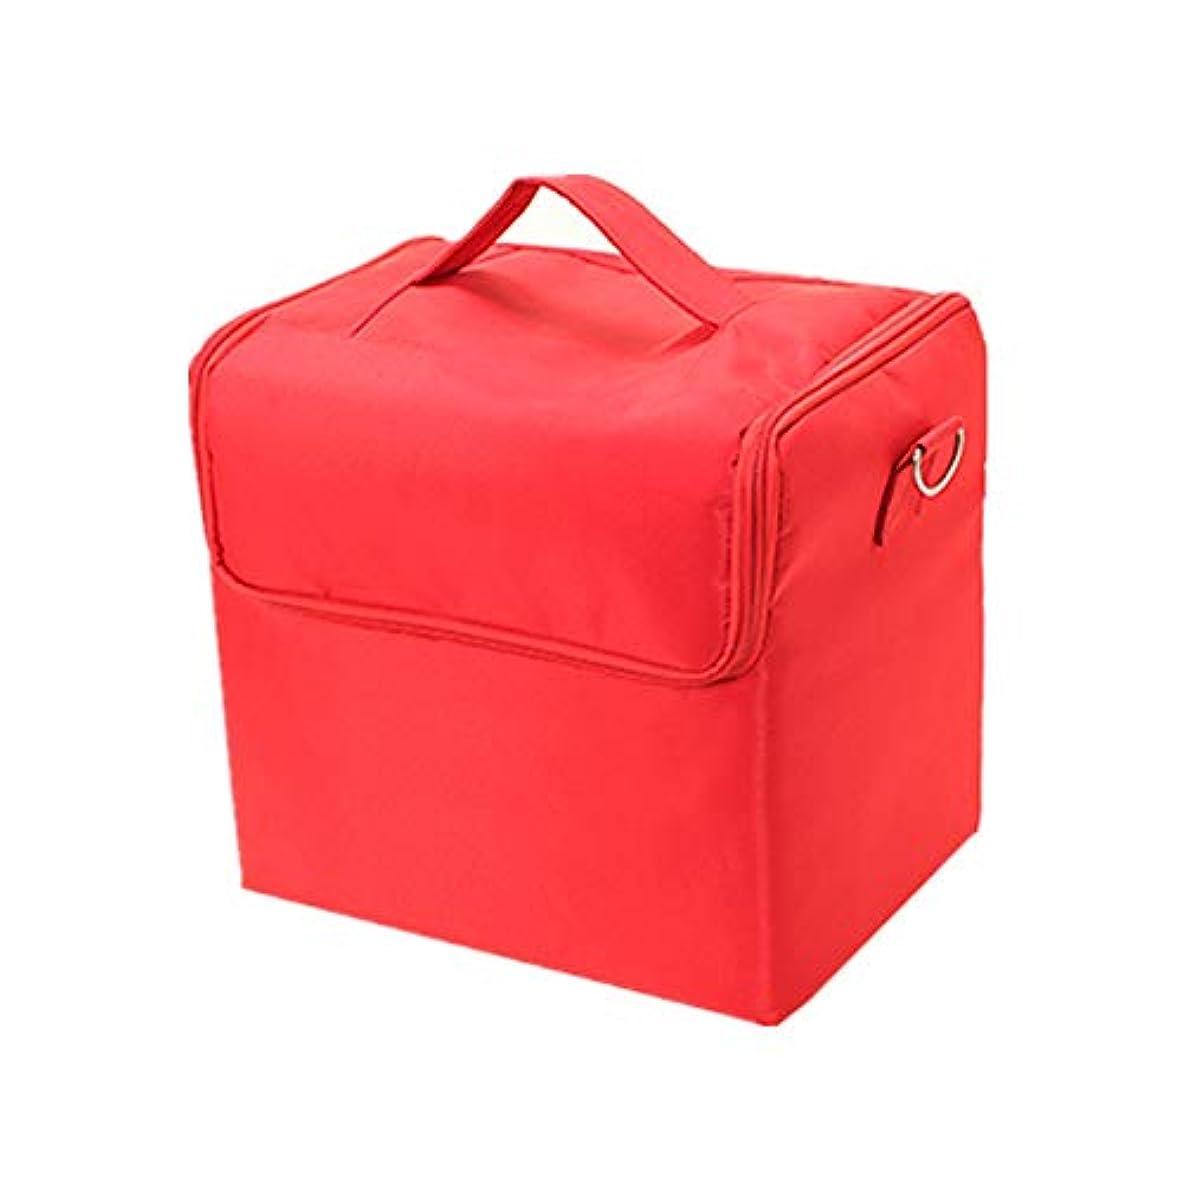 農村じゃないクリケット化粧オーガナイザーバッグ 純粋な色のカジュアルポータ??ブル化粧品バッグ美容メイクアップとトラベルで旅行 化粧品ケース